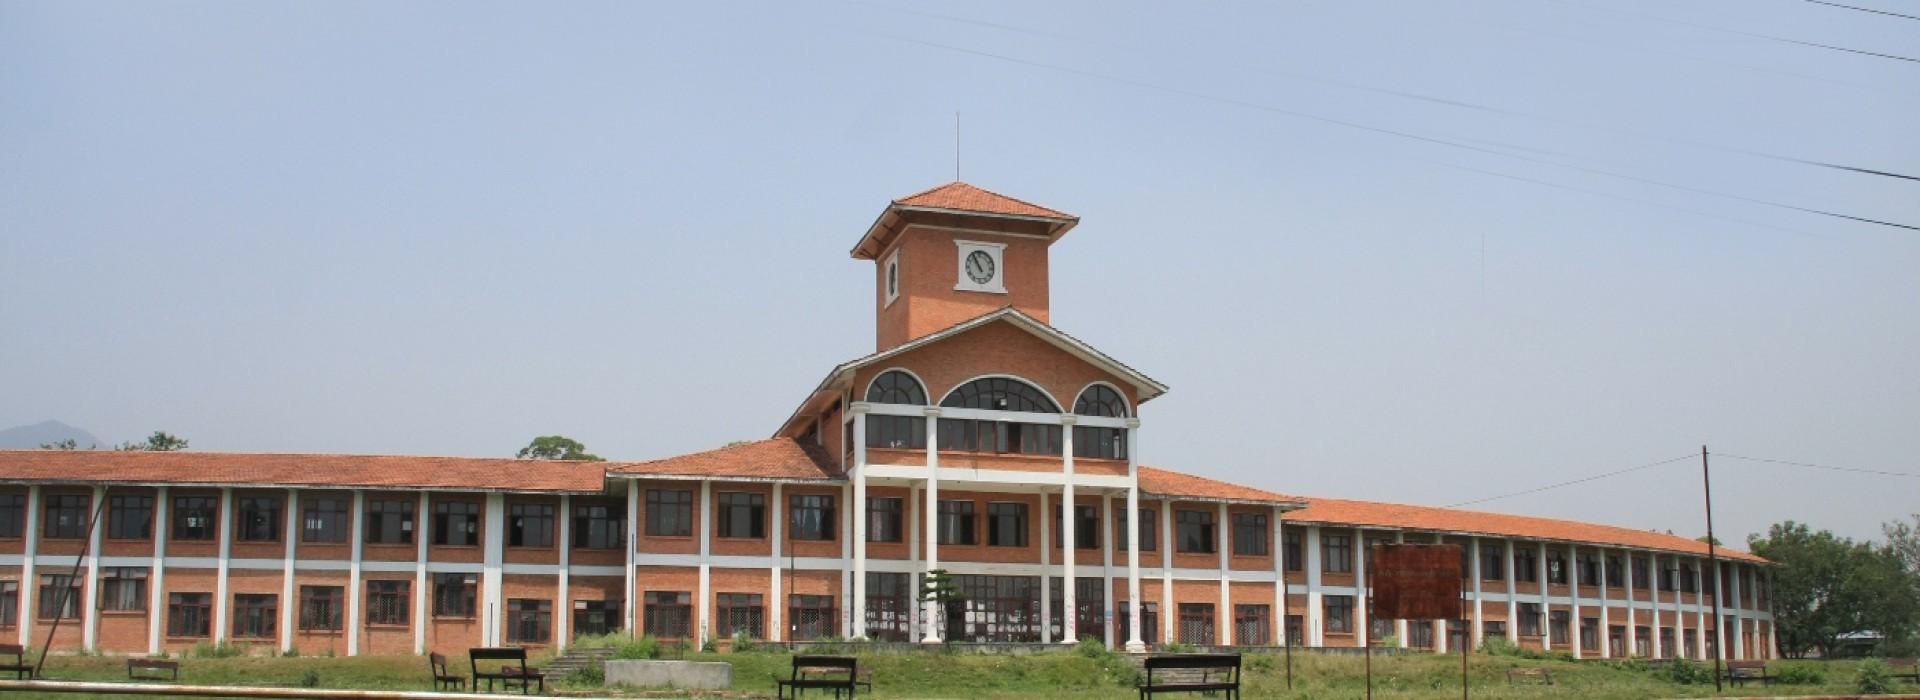 Centeral Campus